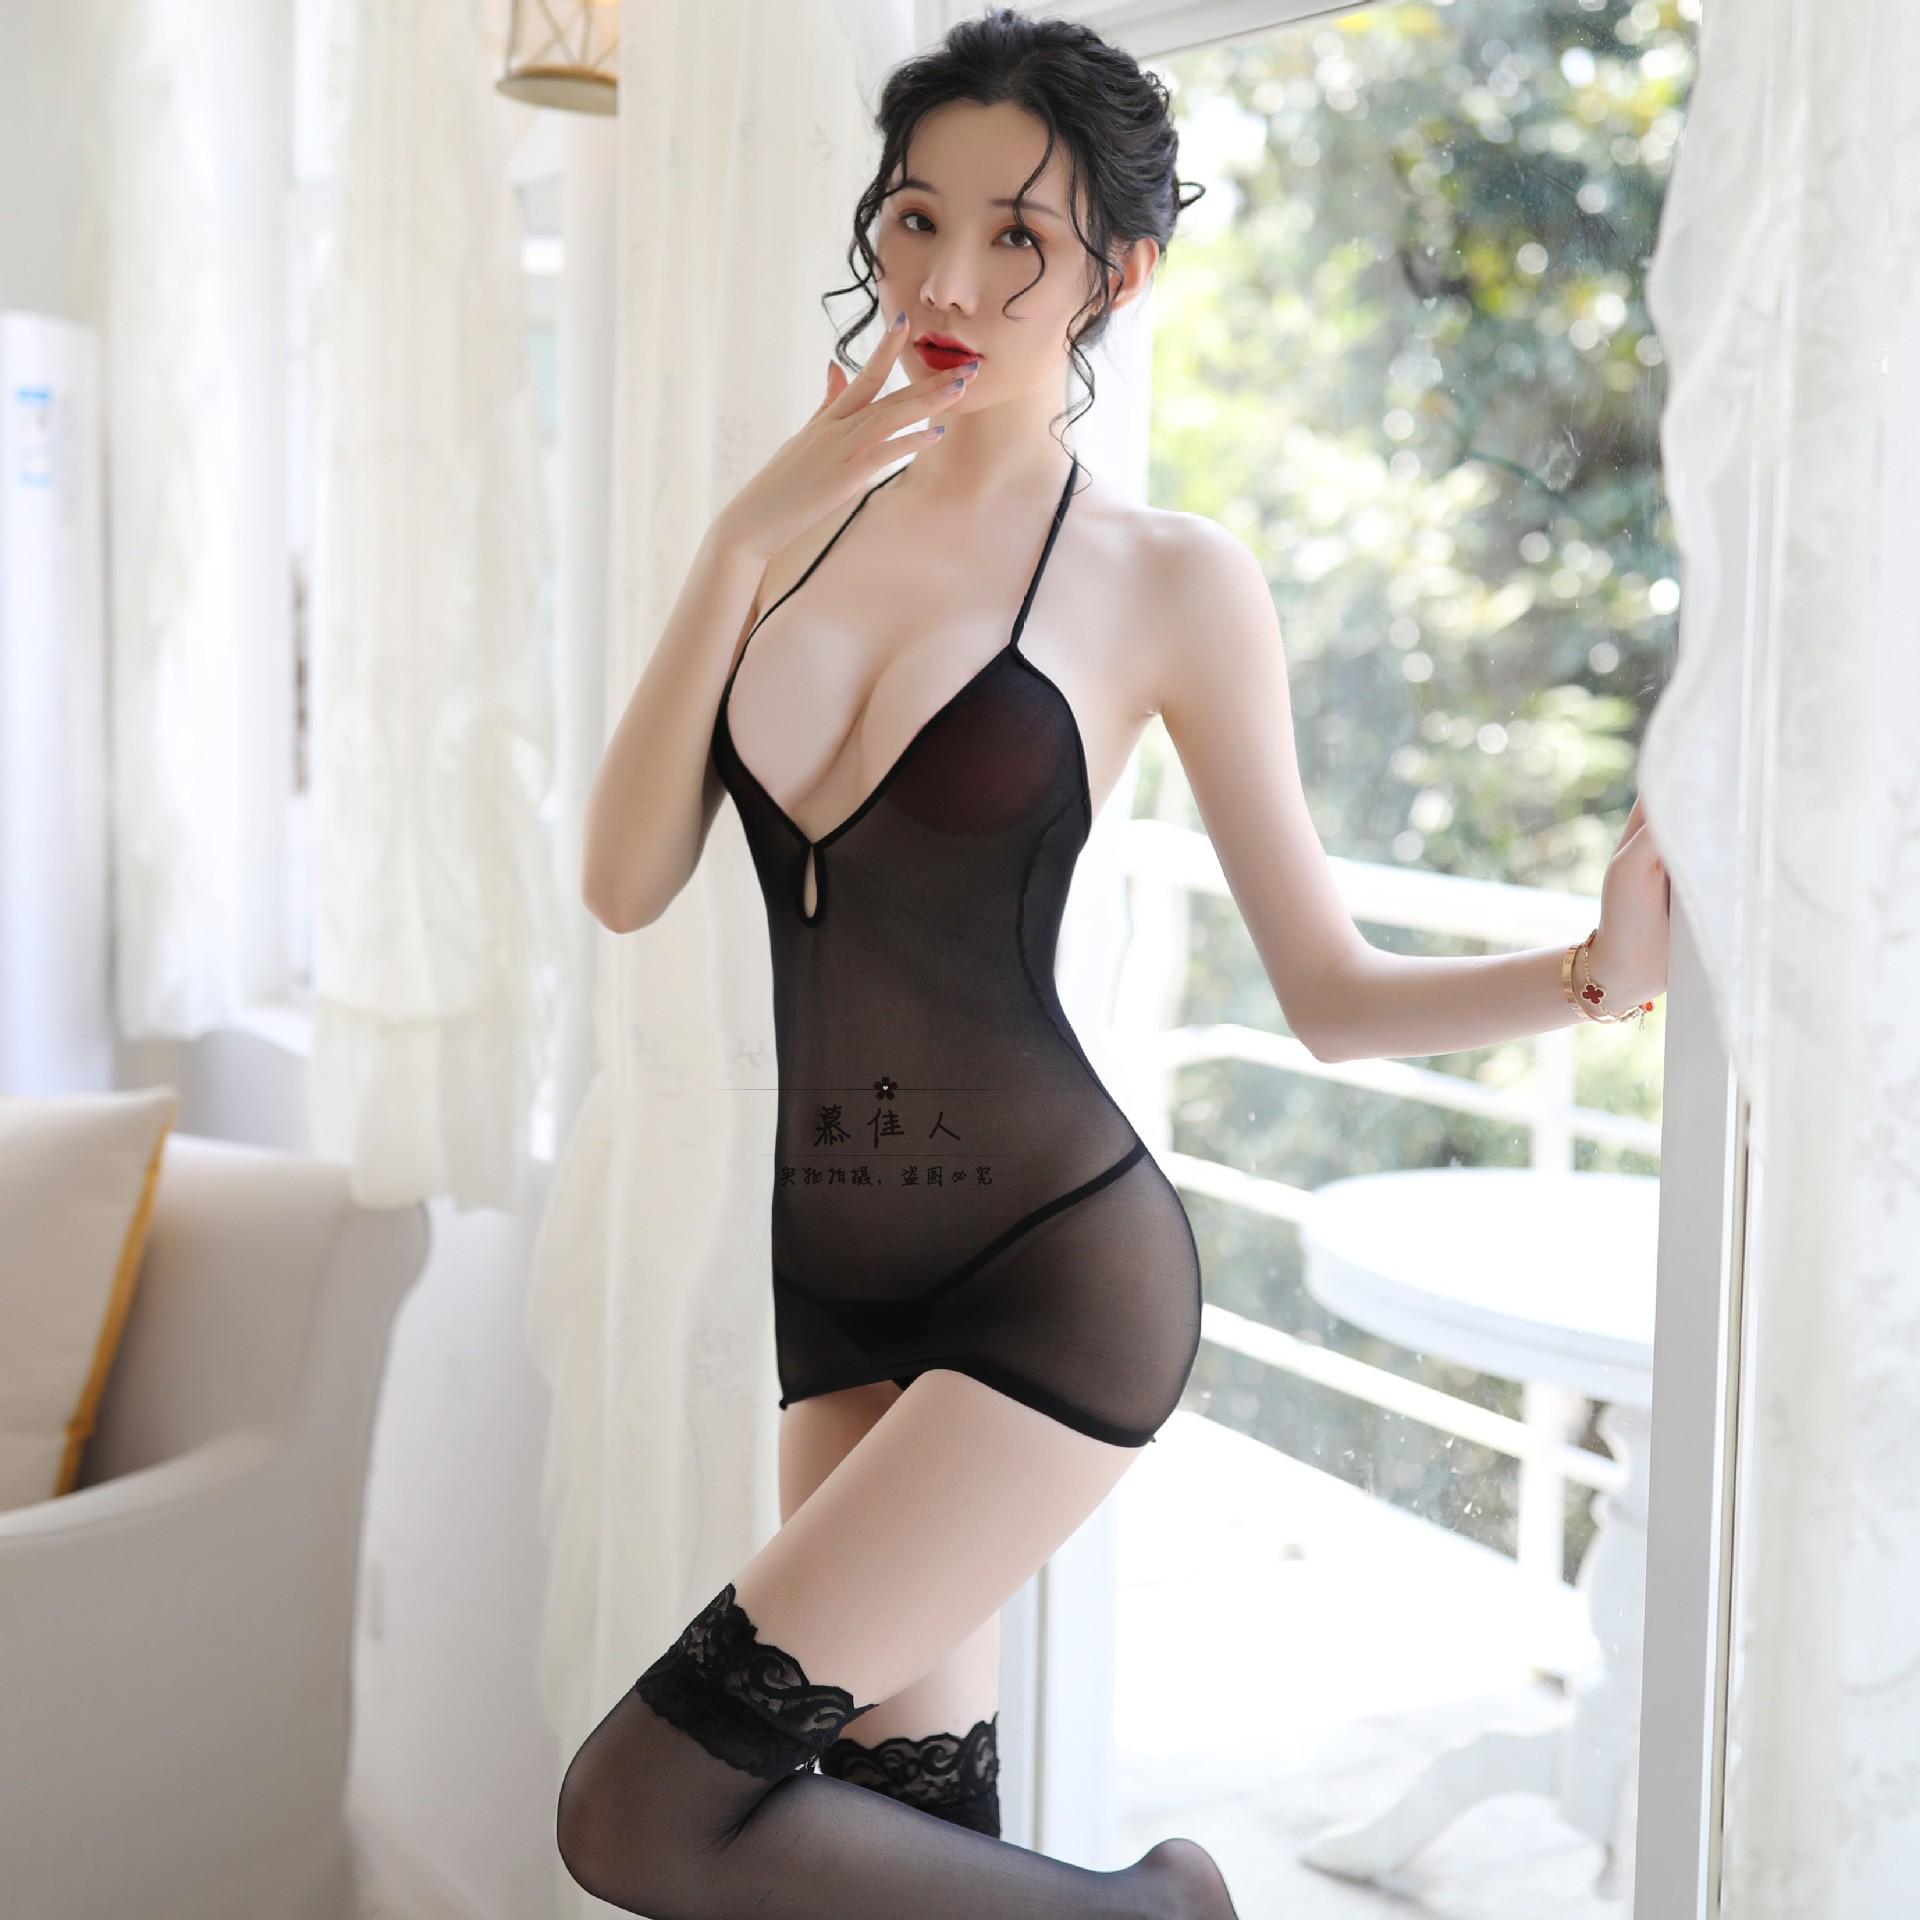 Mới quyến rũ ăn mặc gợi cảm nữ đồ lót khiêu dâm trong suốt sling trong suốt vú vớ bod bod chân đẹp bộ - Vớ mắt cá chân